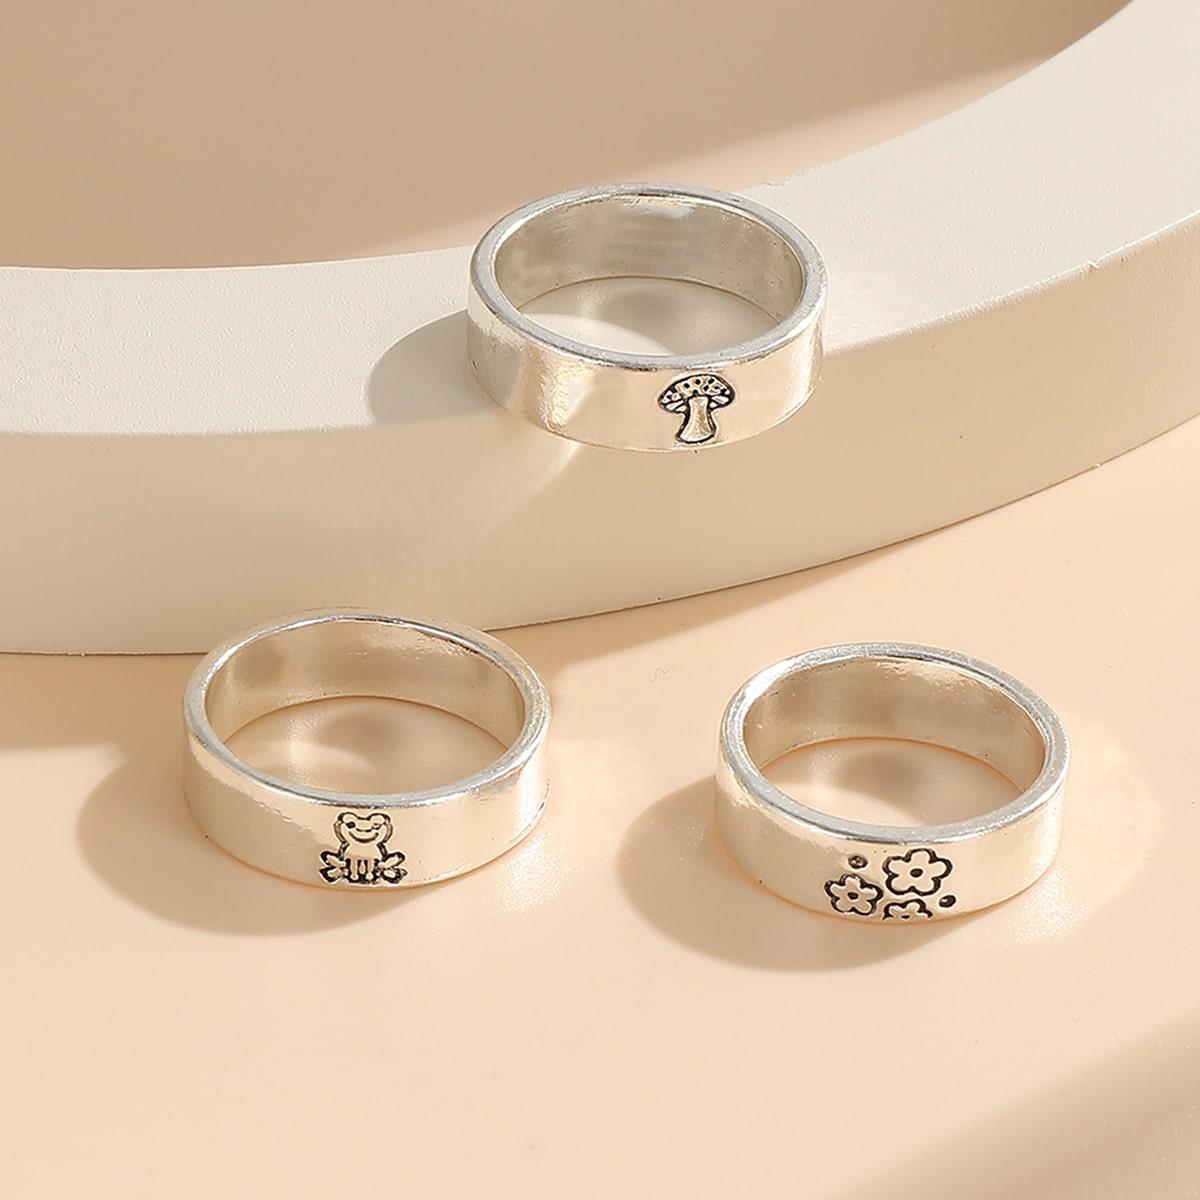 3pcs Frog & Mushroom Decor Ring